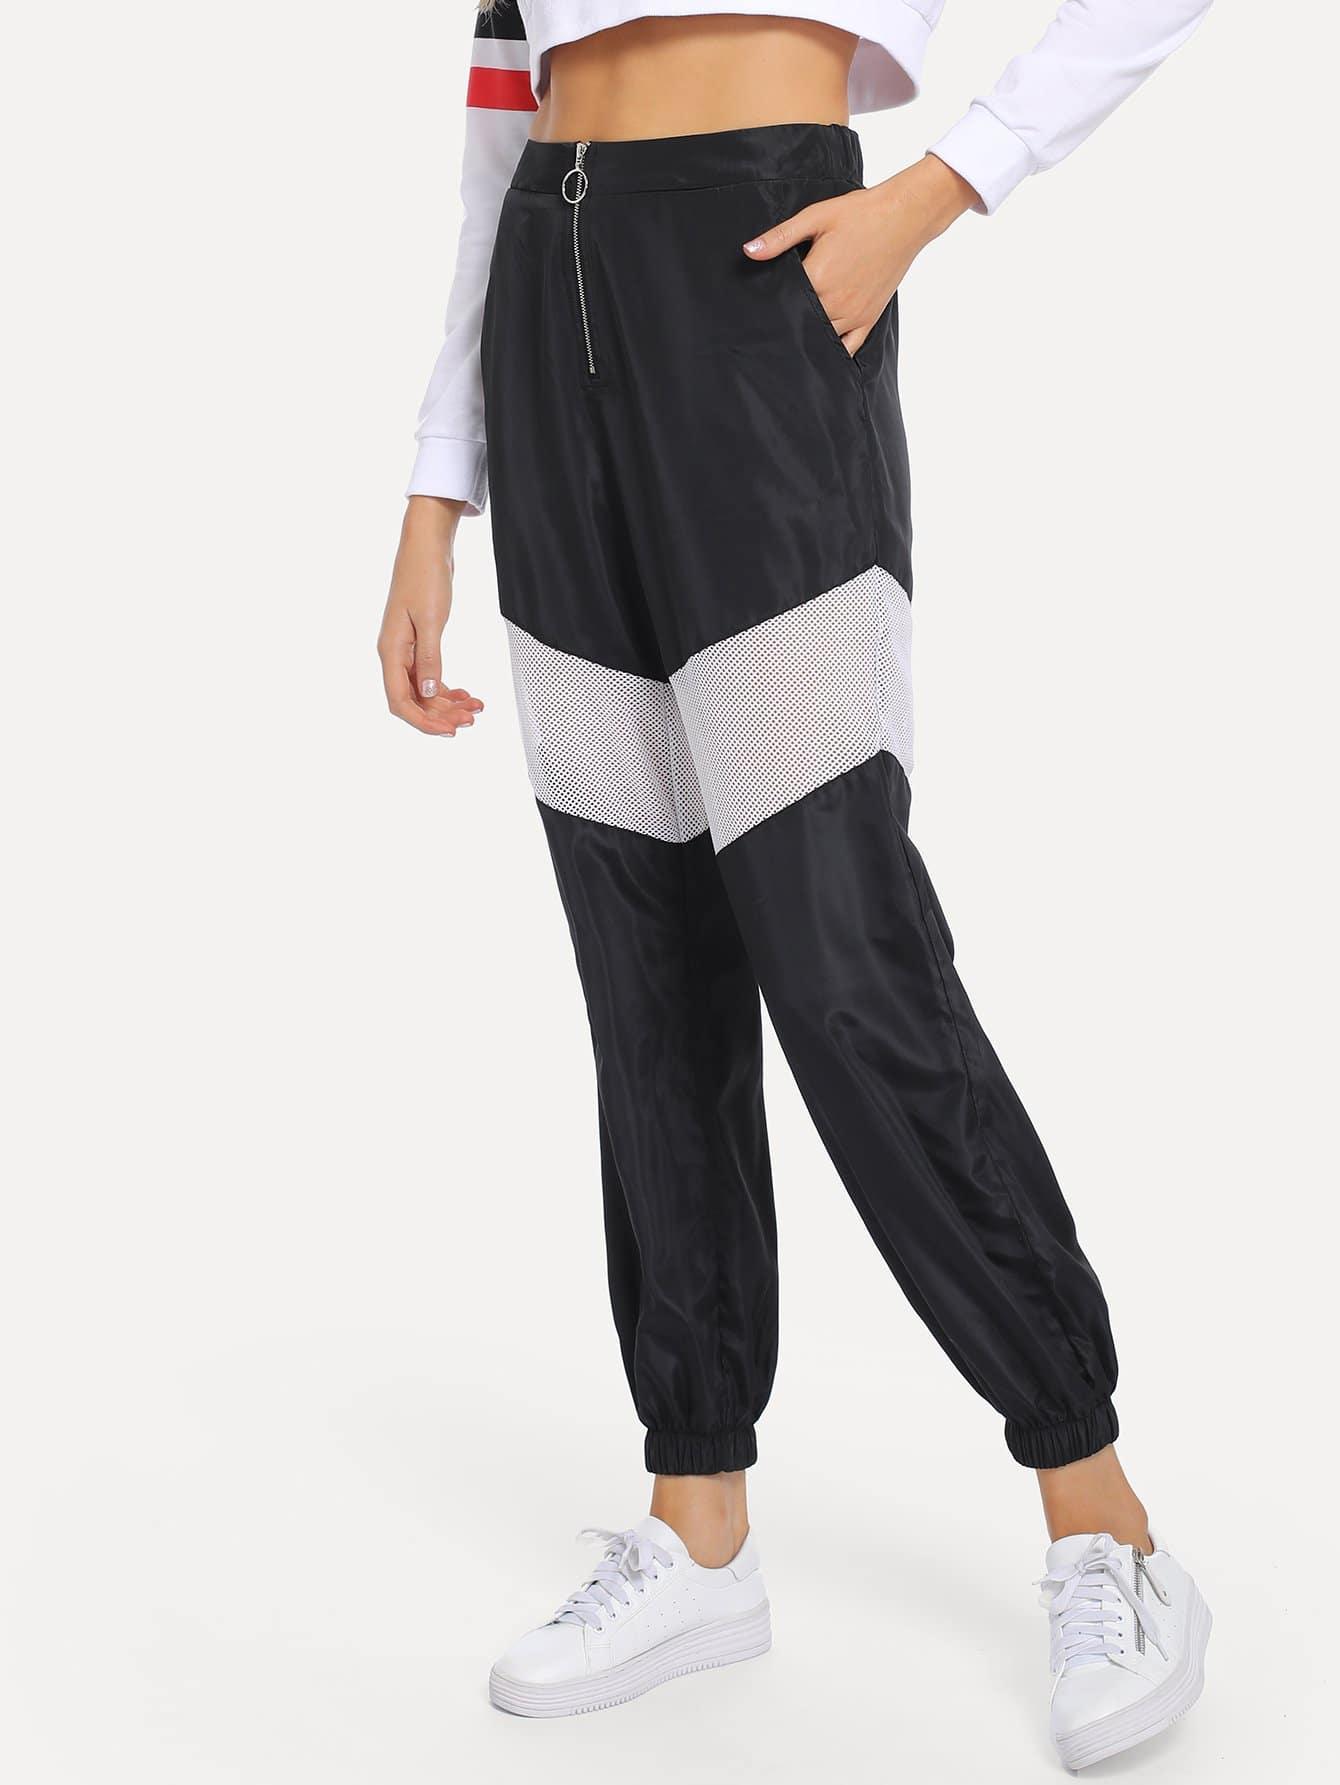 Купить Плоские брюки с застёжкой молния, Sasa, SheIn